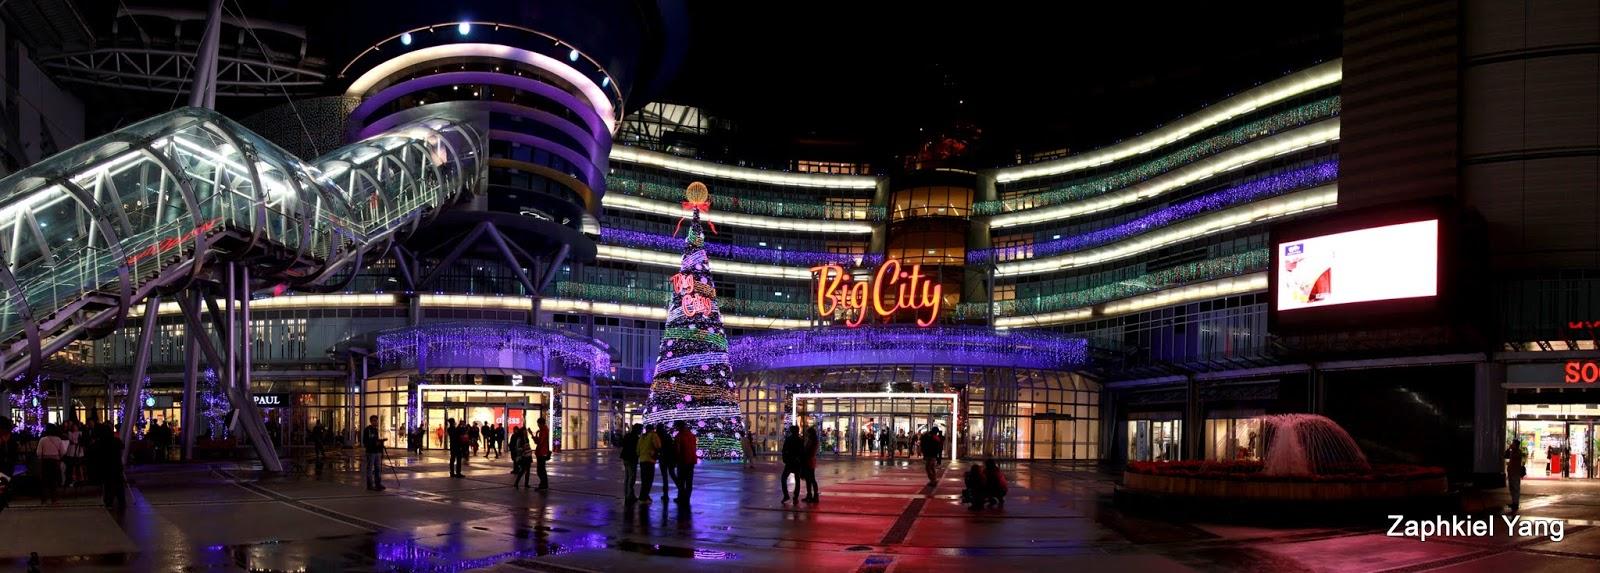 【新竹 北區】巨城百貨聖誕樹夜景